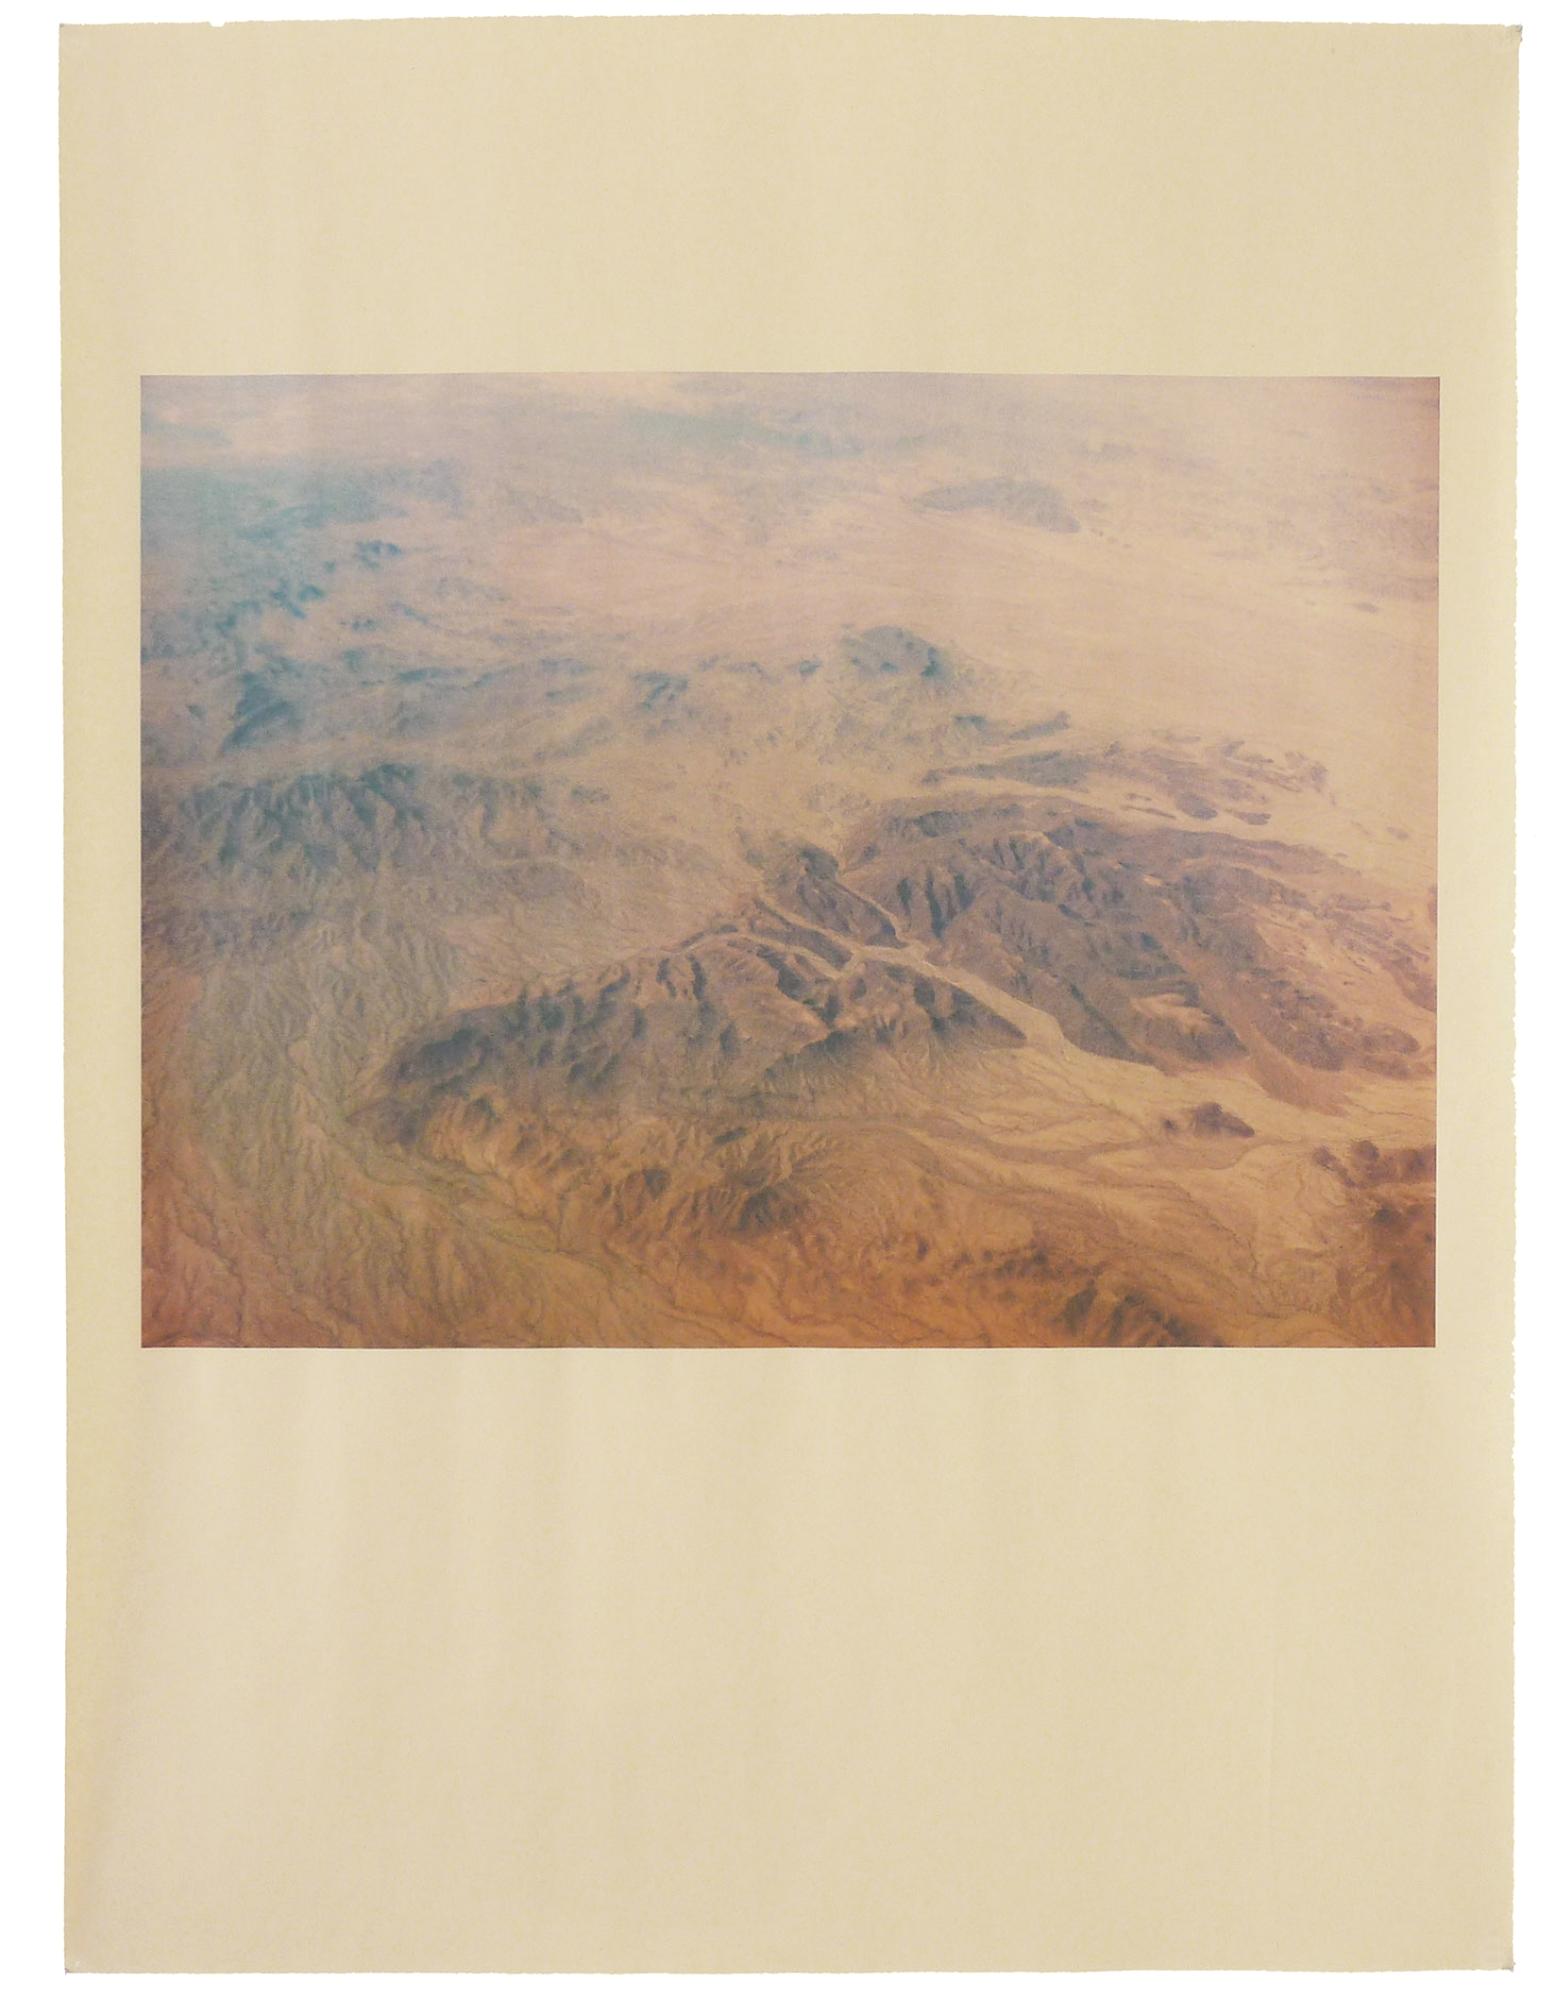 AZ_1140 , unique pigment print on newsprint, 18 x 24 inches, 2014